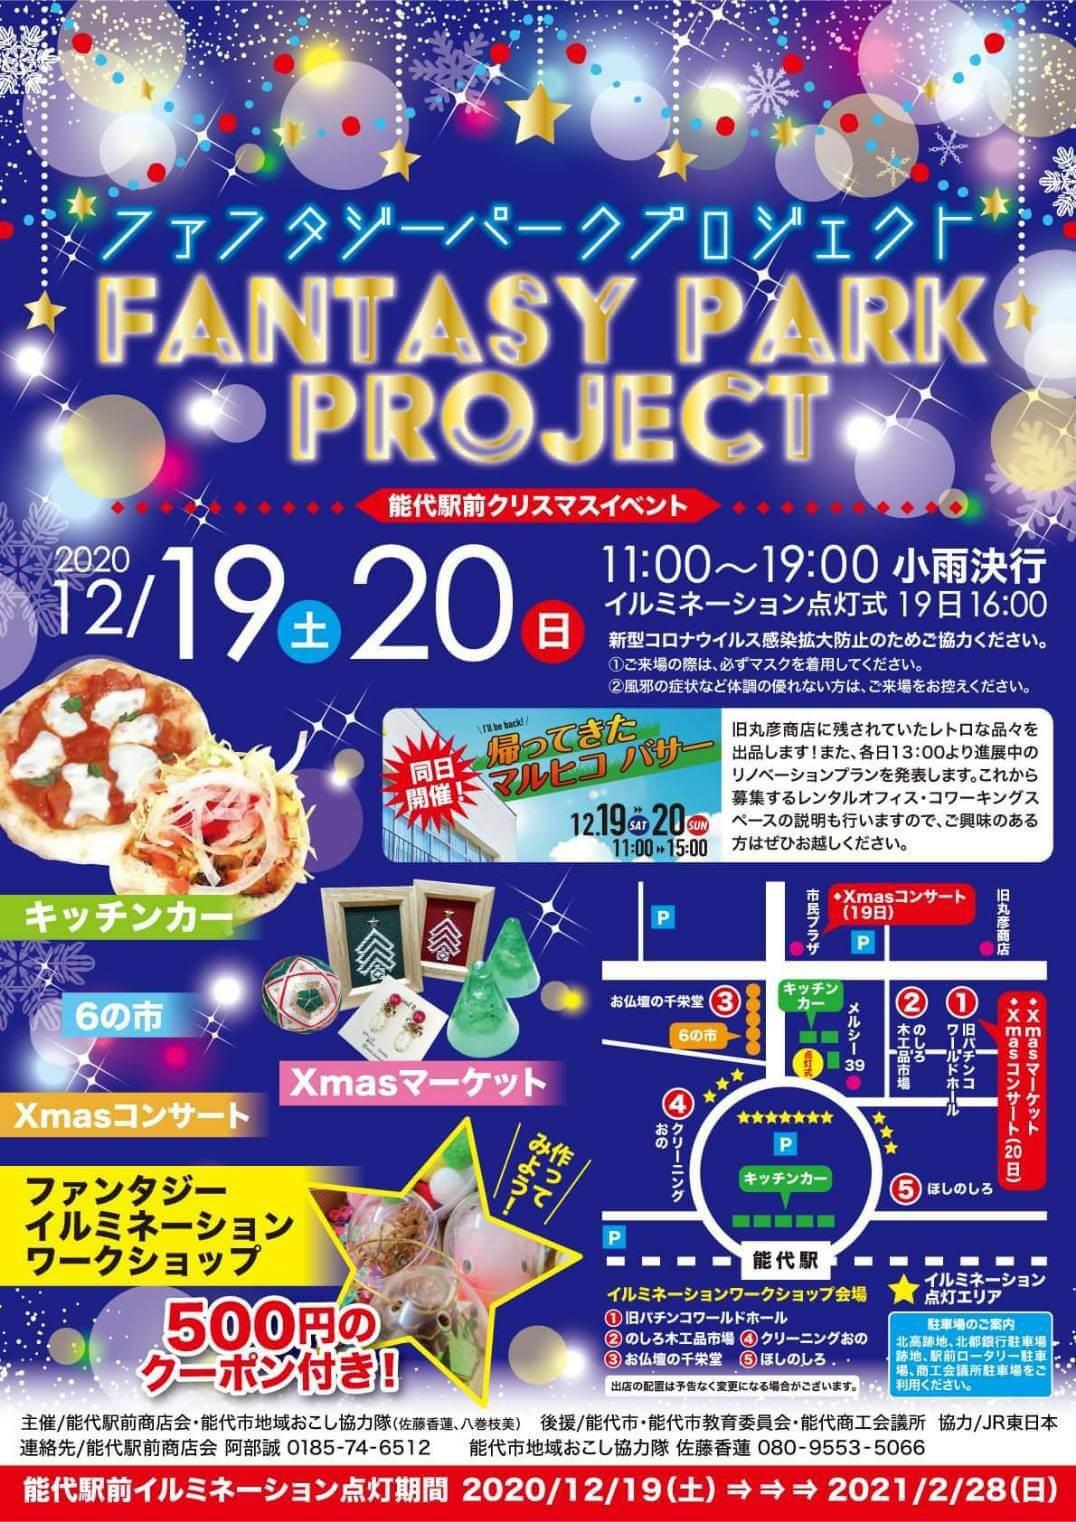 ファンタジーパークプロジェクト 表